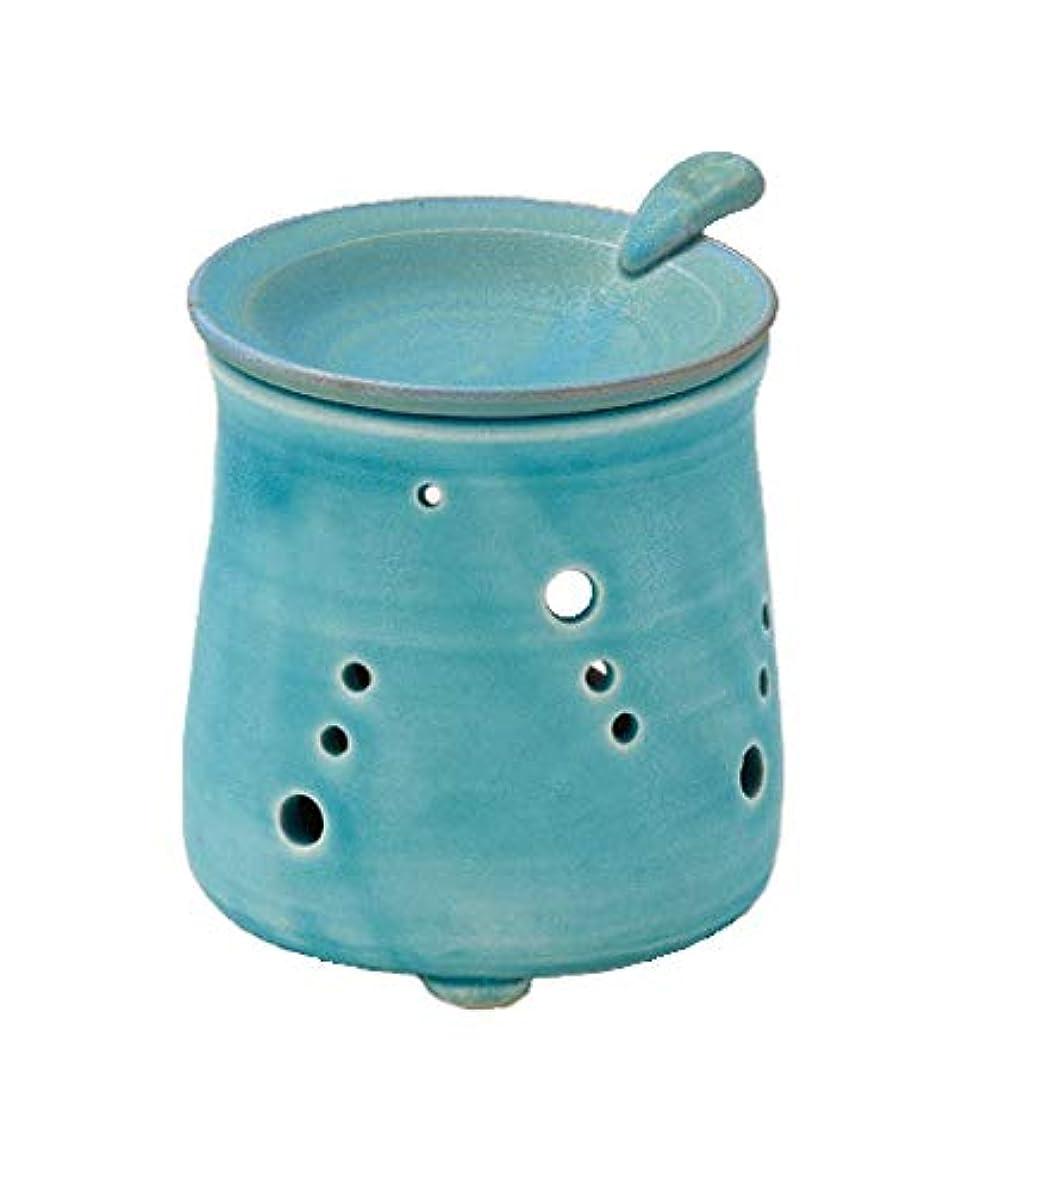 ハードウェアさまよう石ヤマキイカイ(Yamakiikai) 置物 ブルー 径9.5cm 山田トルコブルー 茶香炉 L1616